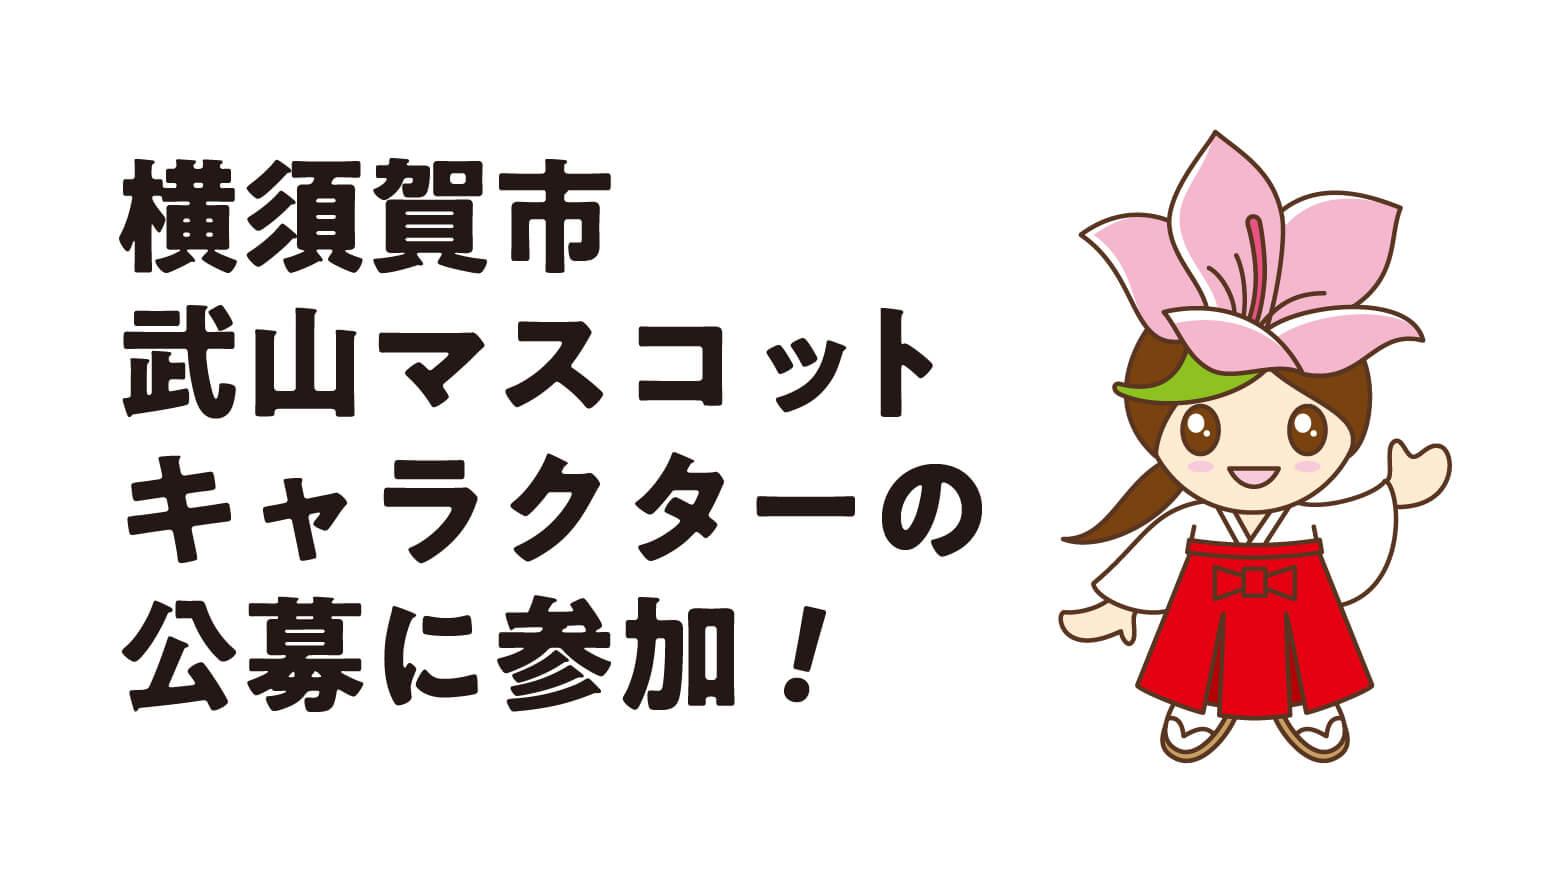 武山地域のマスコットキャラクターの公募に参加しました